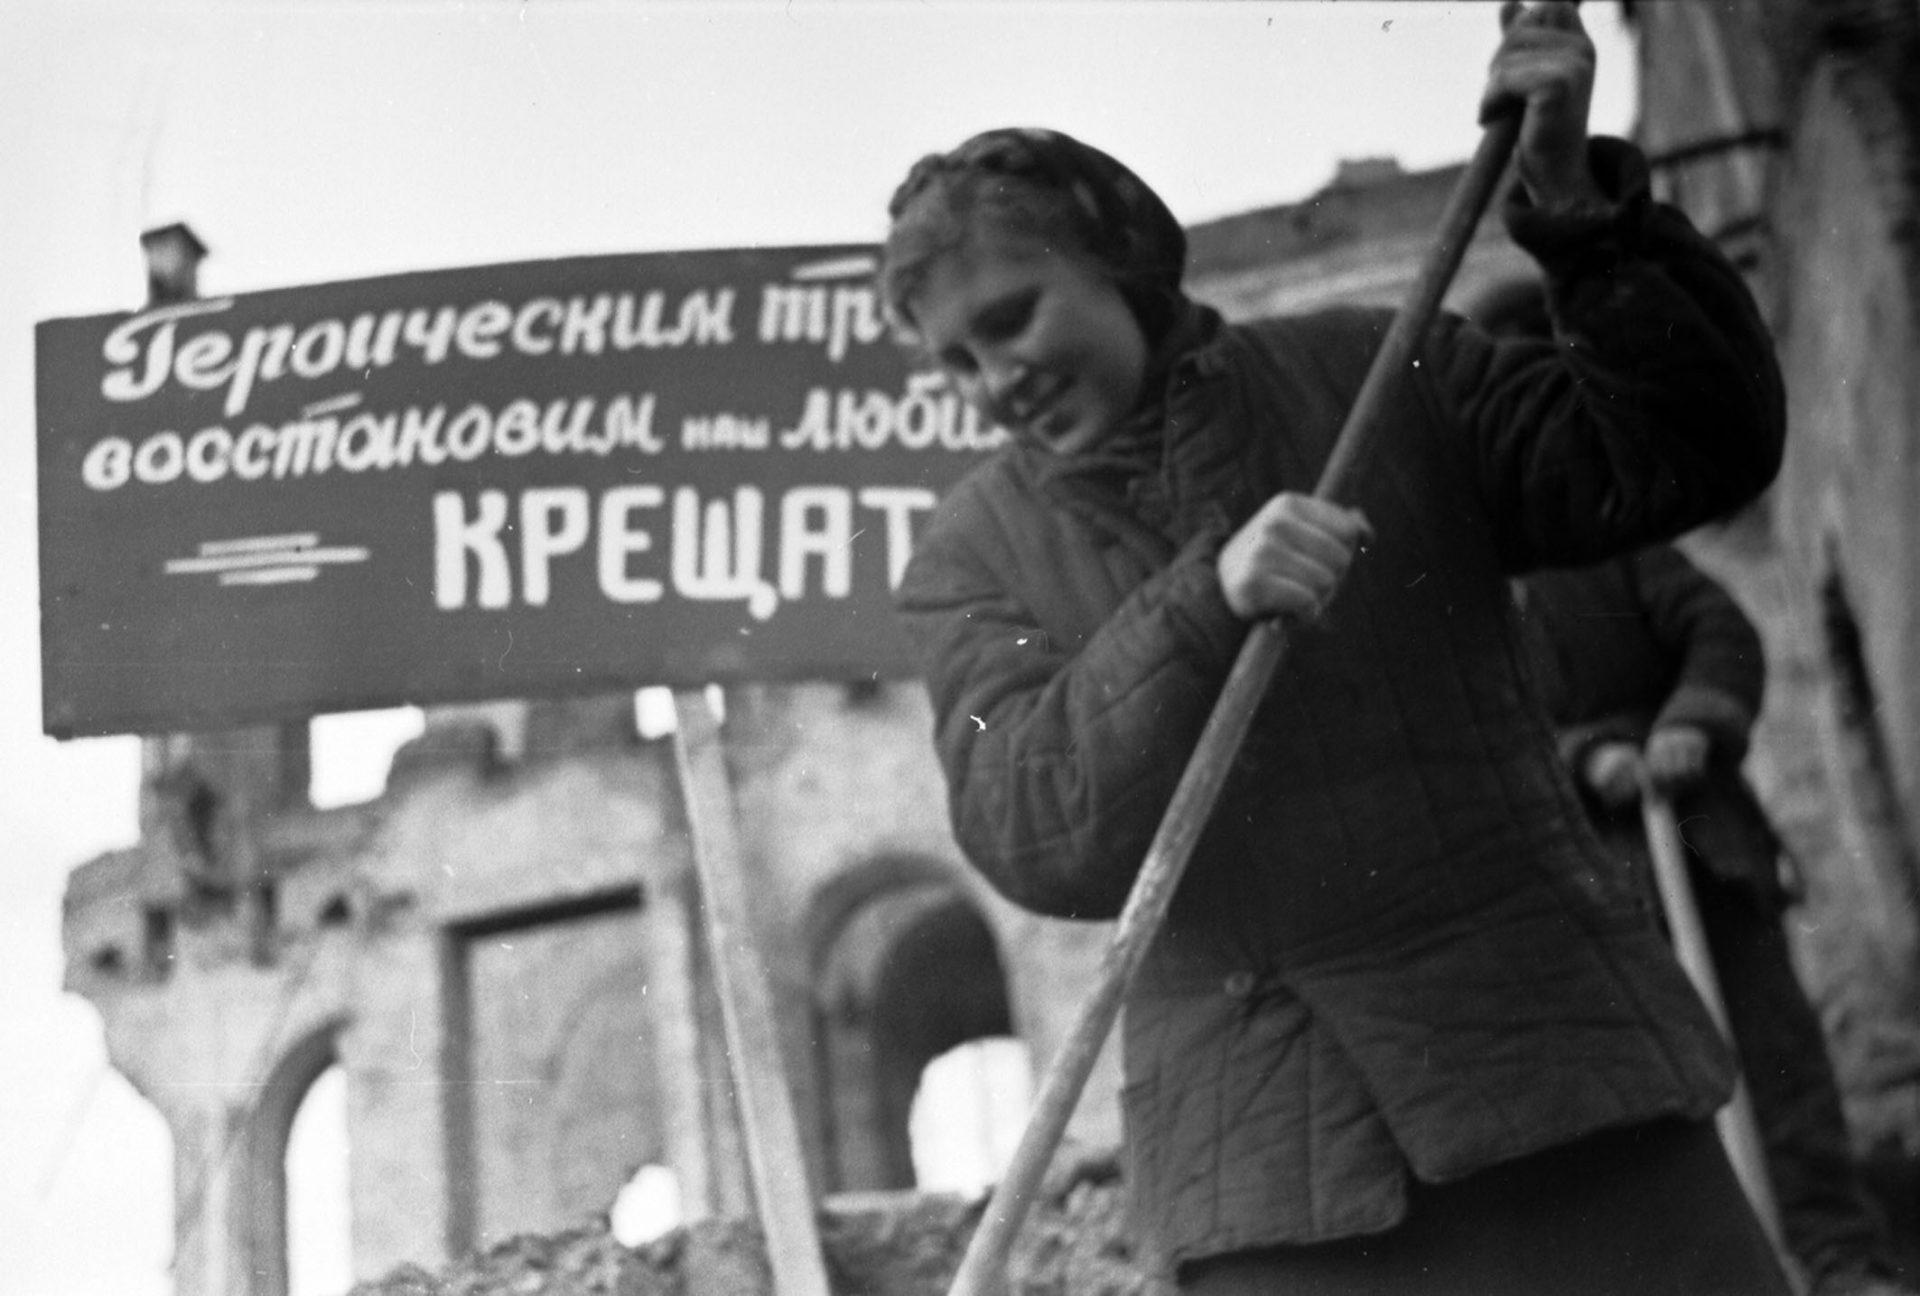 Заборонений дім: повоєнна адаптація колишніх остарбайтерів та радянських військовополонених в Києві